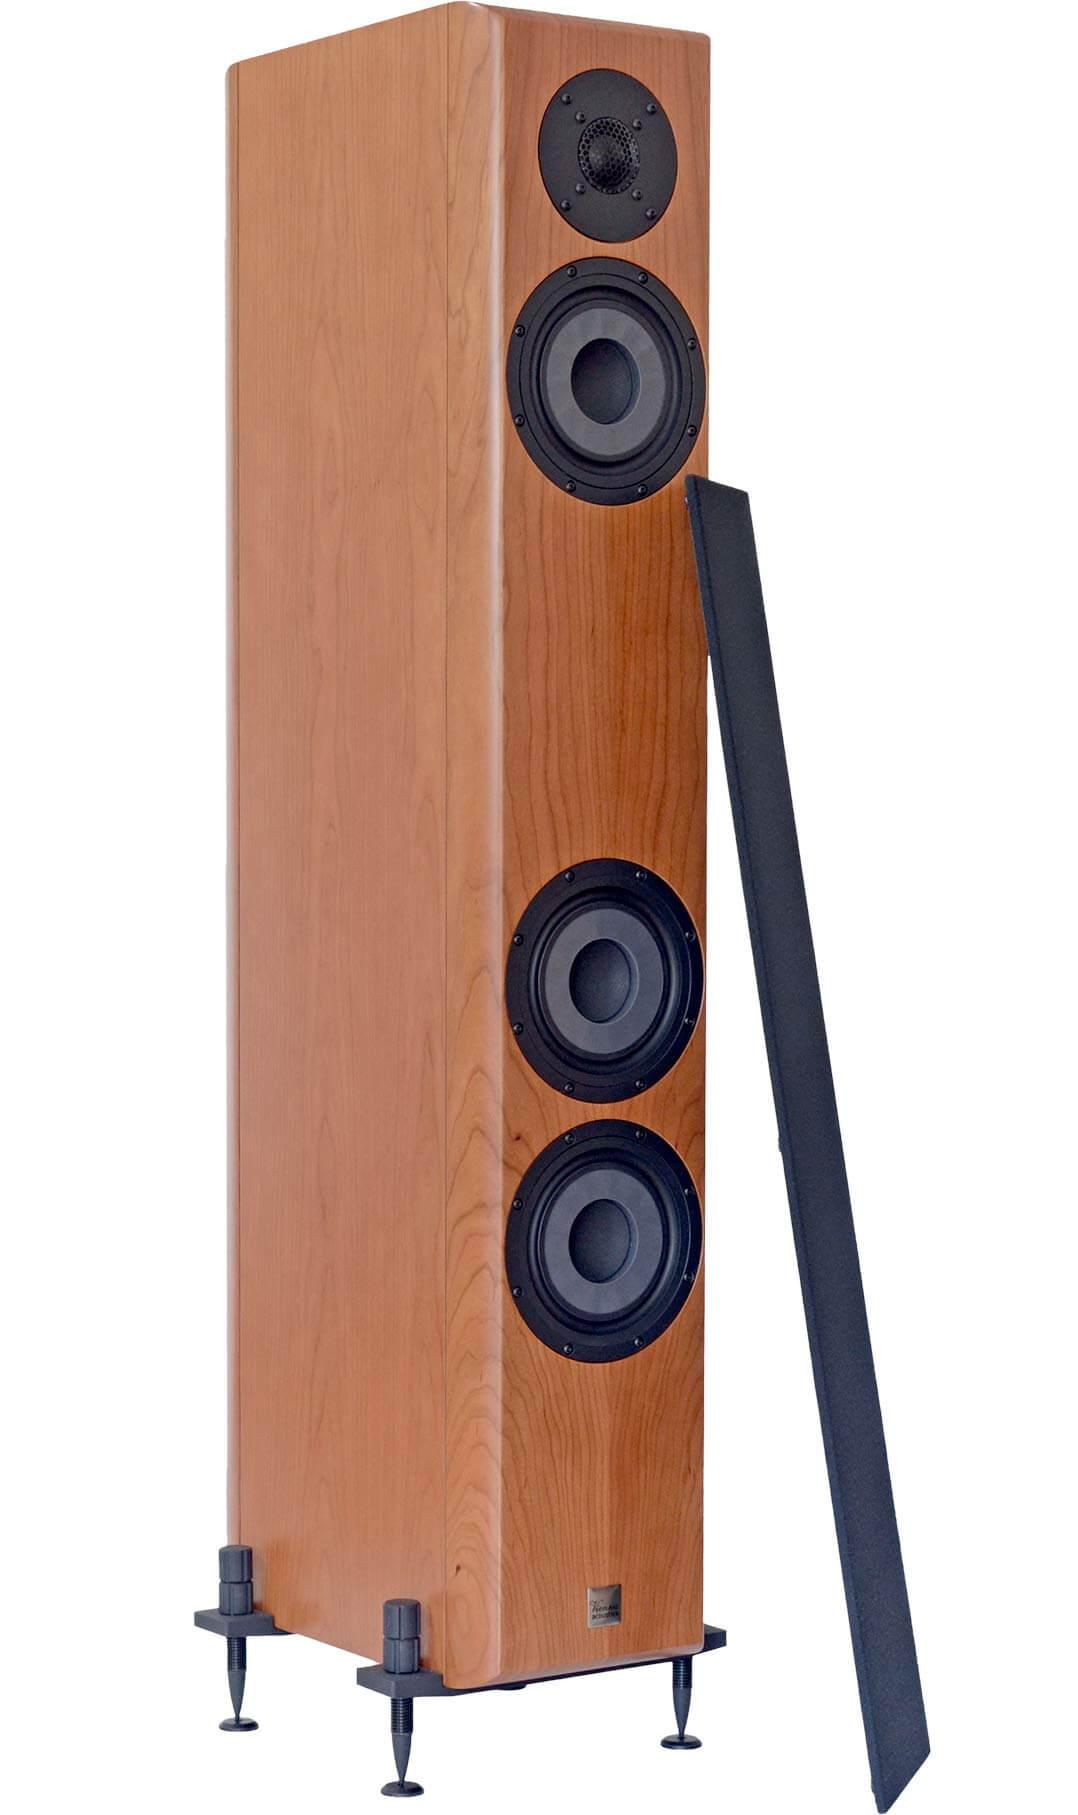 Die Vienna Acoustics Beethoven Baby Grand Reference kommt mit magnetisch haftenden Stoffabdeckungen